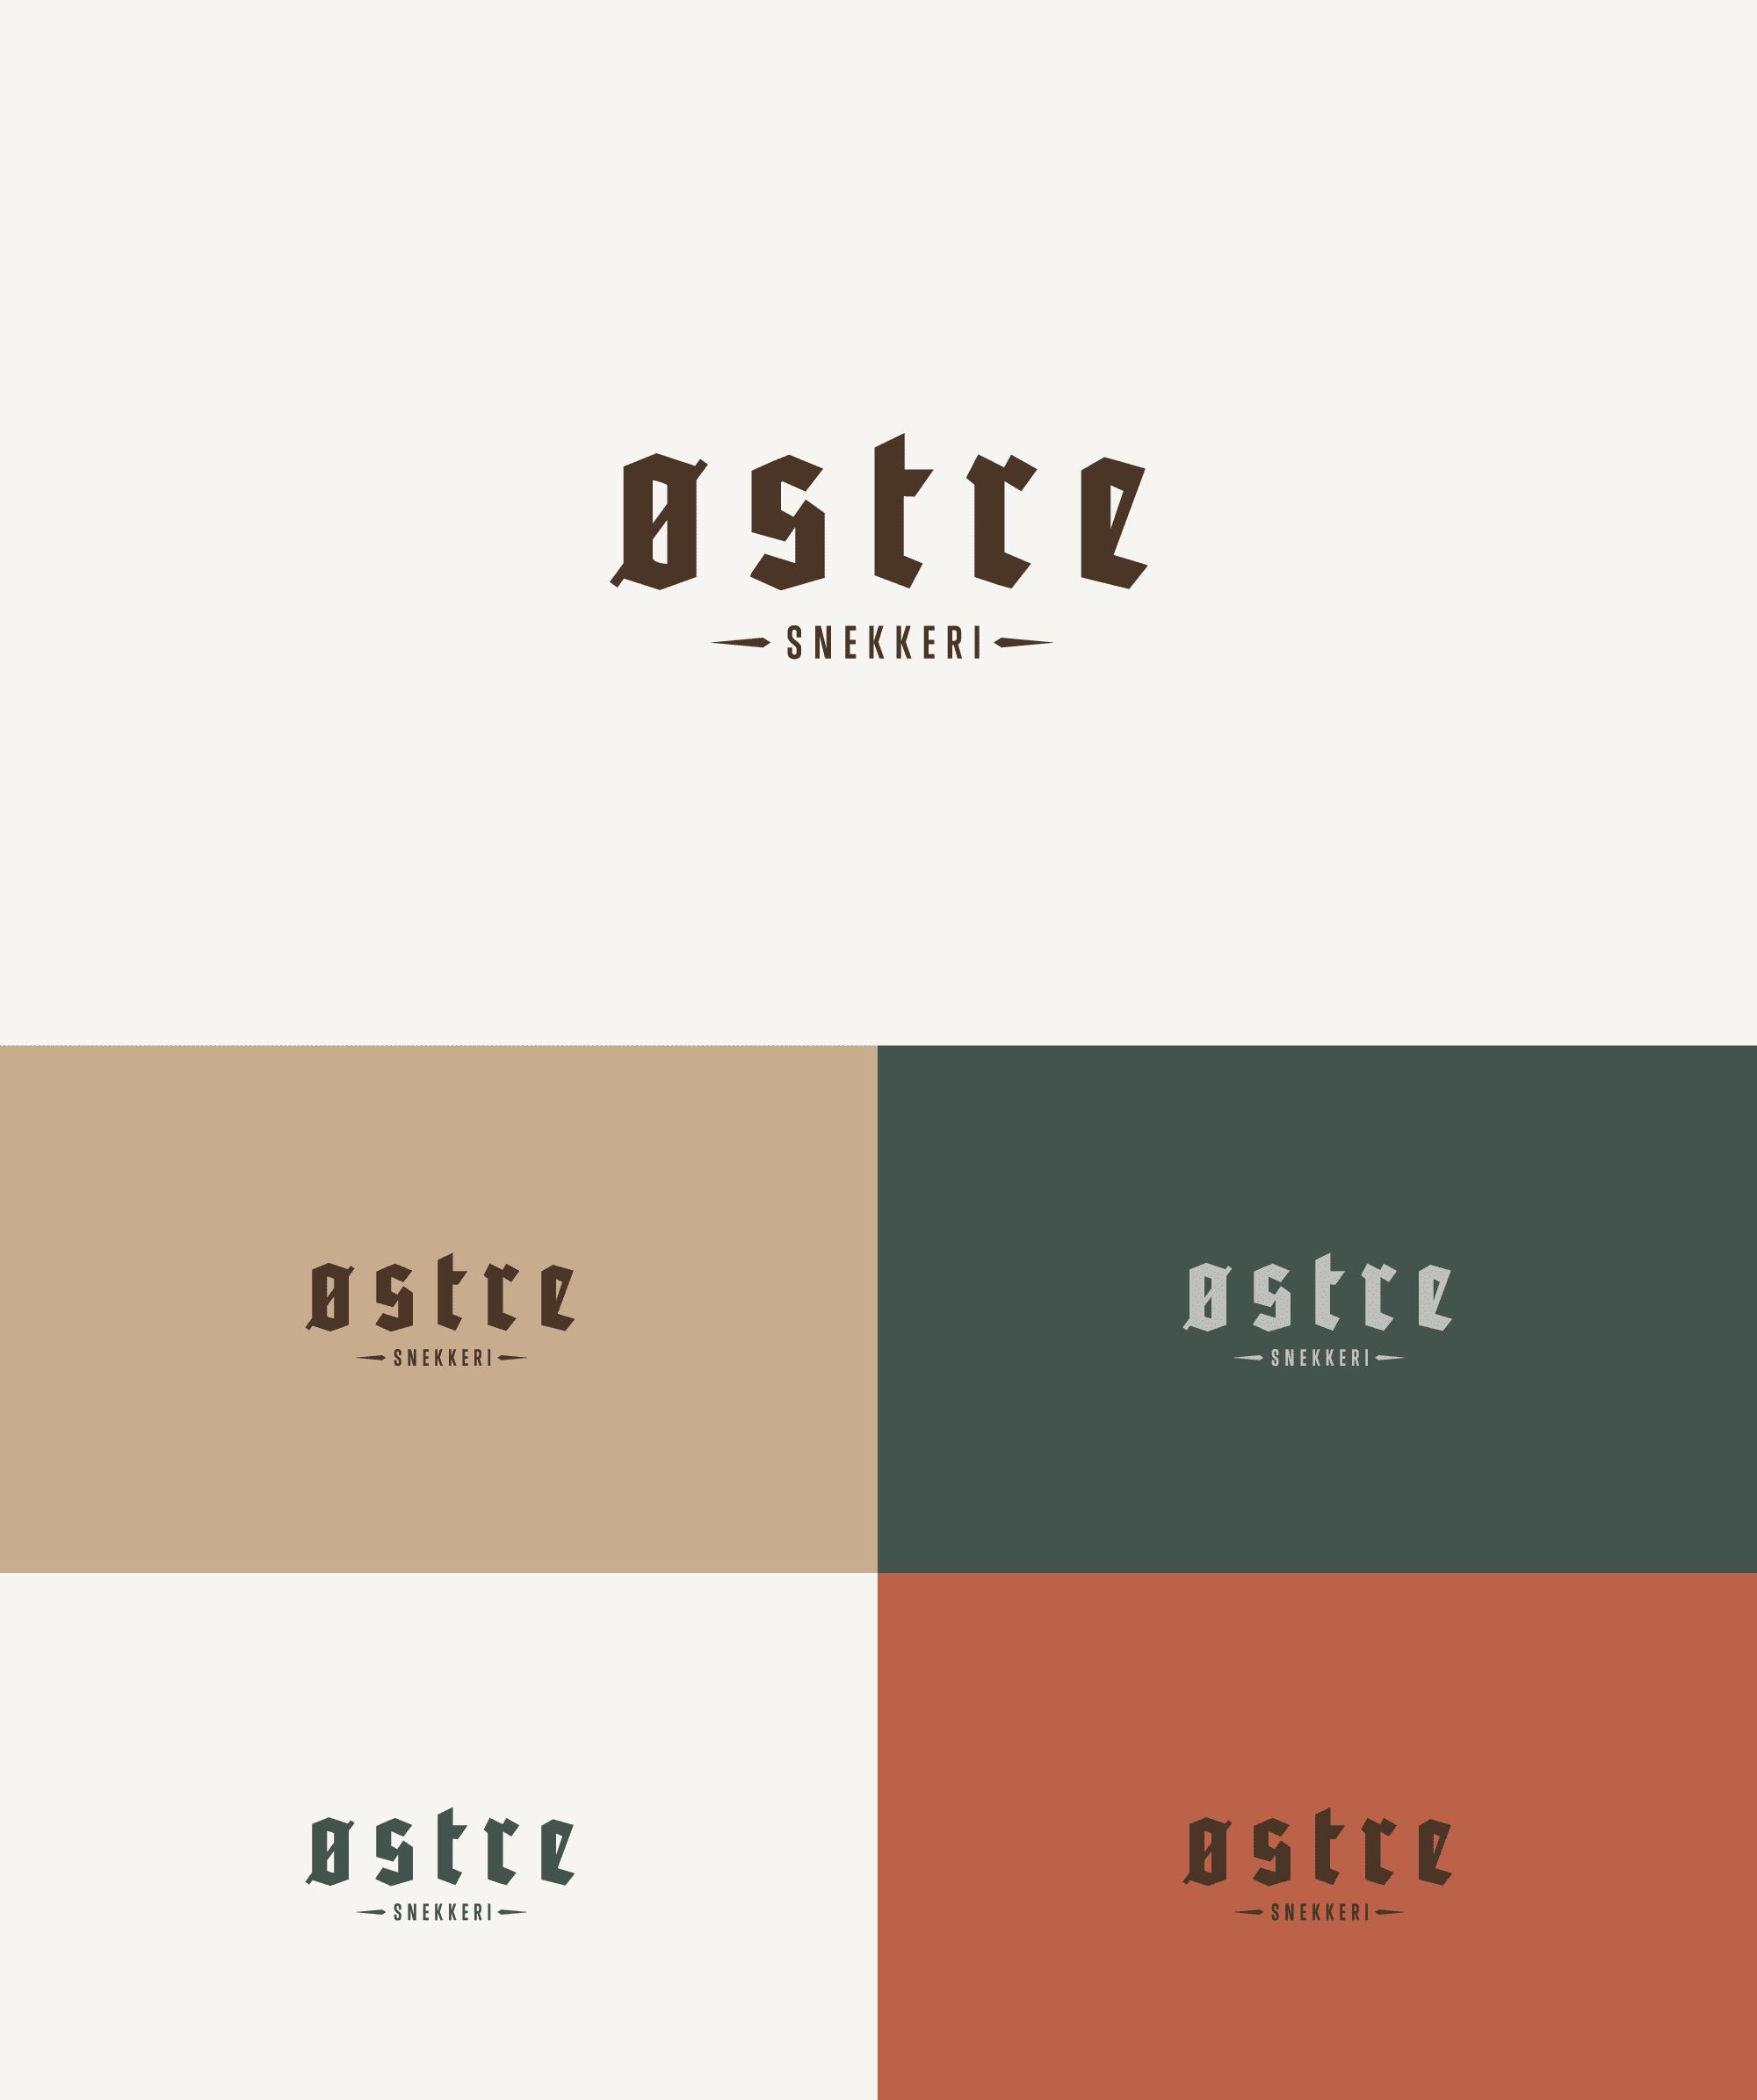 ostre_logomark_color